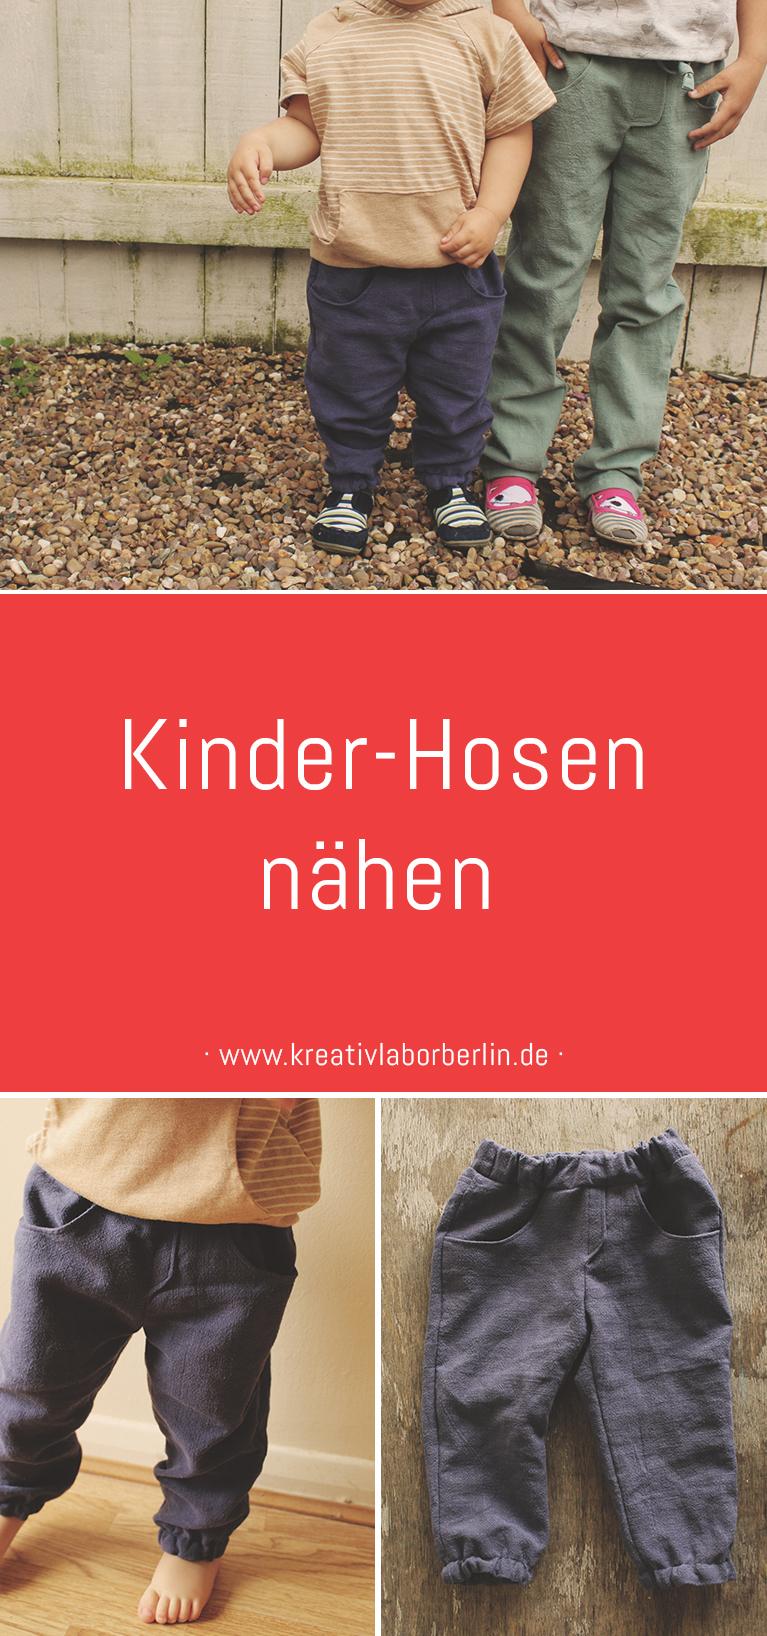 """Unsere Kinderhosen """"Alvin"""" - ganz minimalistisch aus Naturstoffen"""